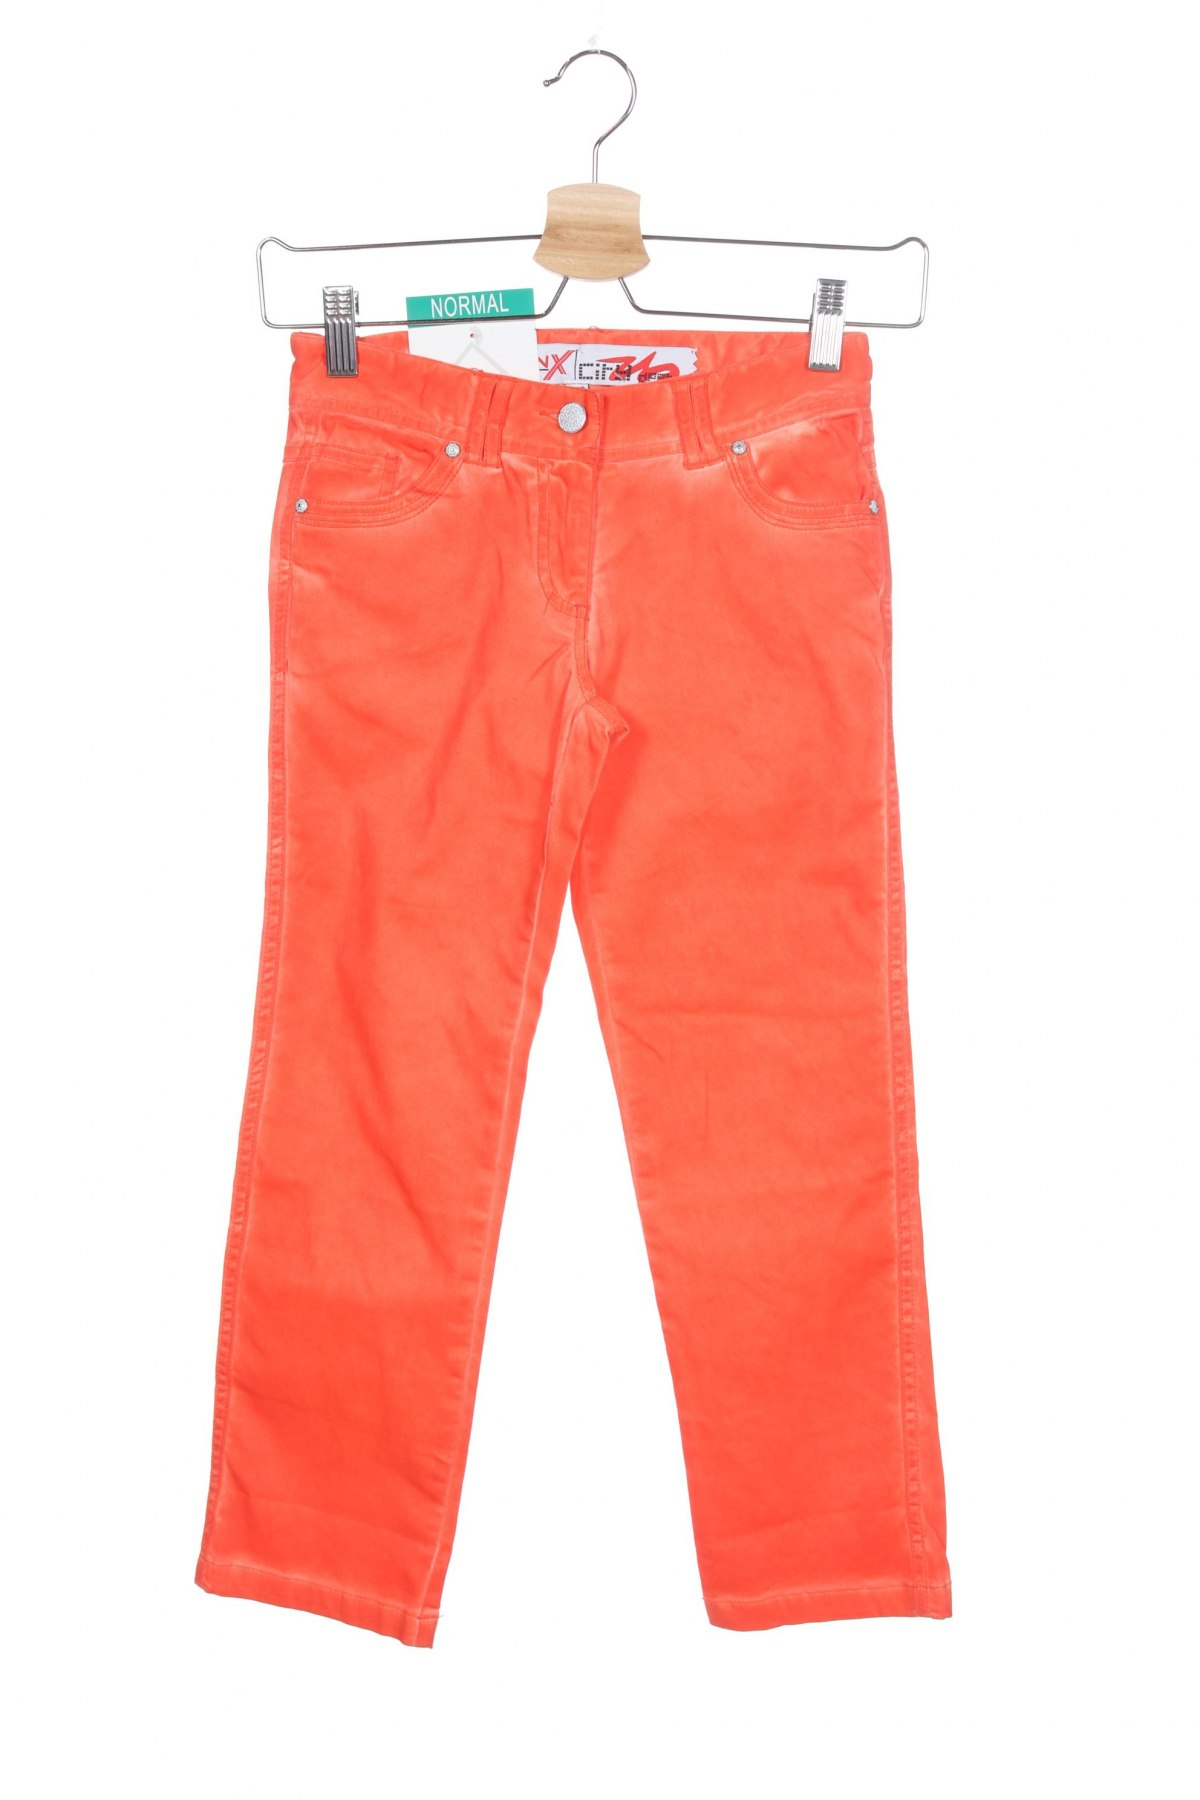 Παιδικό παντελόνι Million X, Μέγεθος 7-8y/ 128-134 εκ., Χρώμα Πορτοκαλί, 98% βαμβάκι, 2% ελαστάνη, Τιμή 10,04€